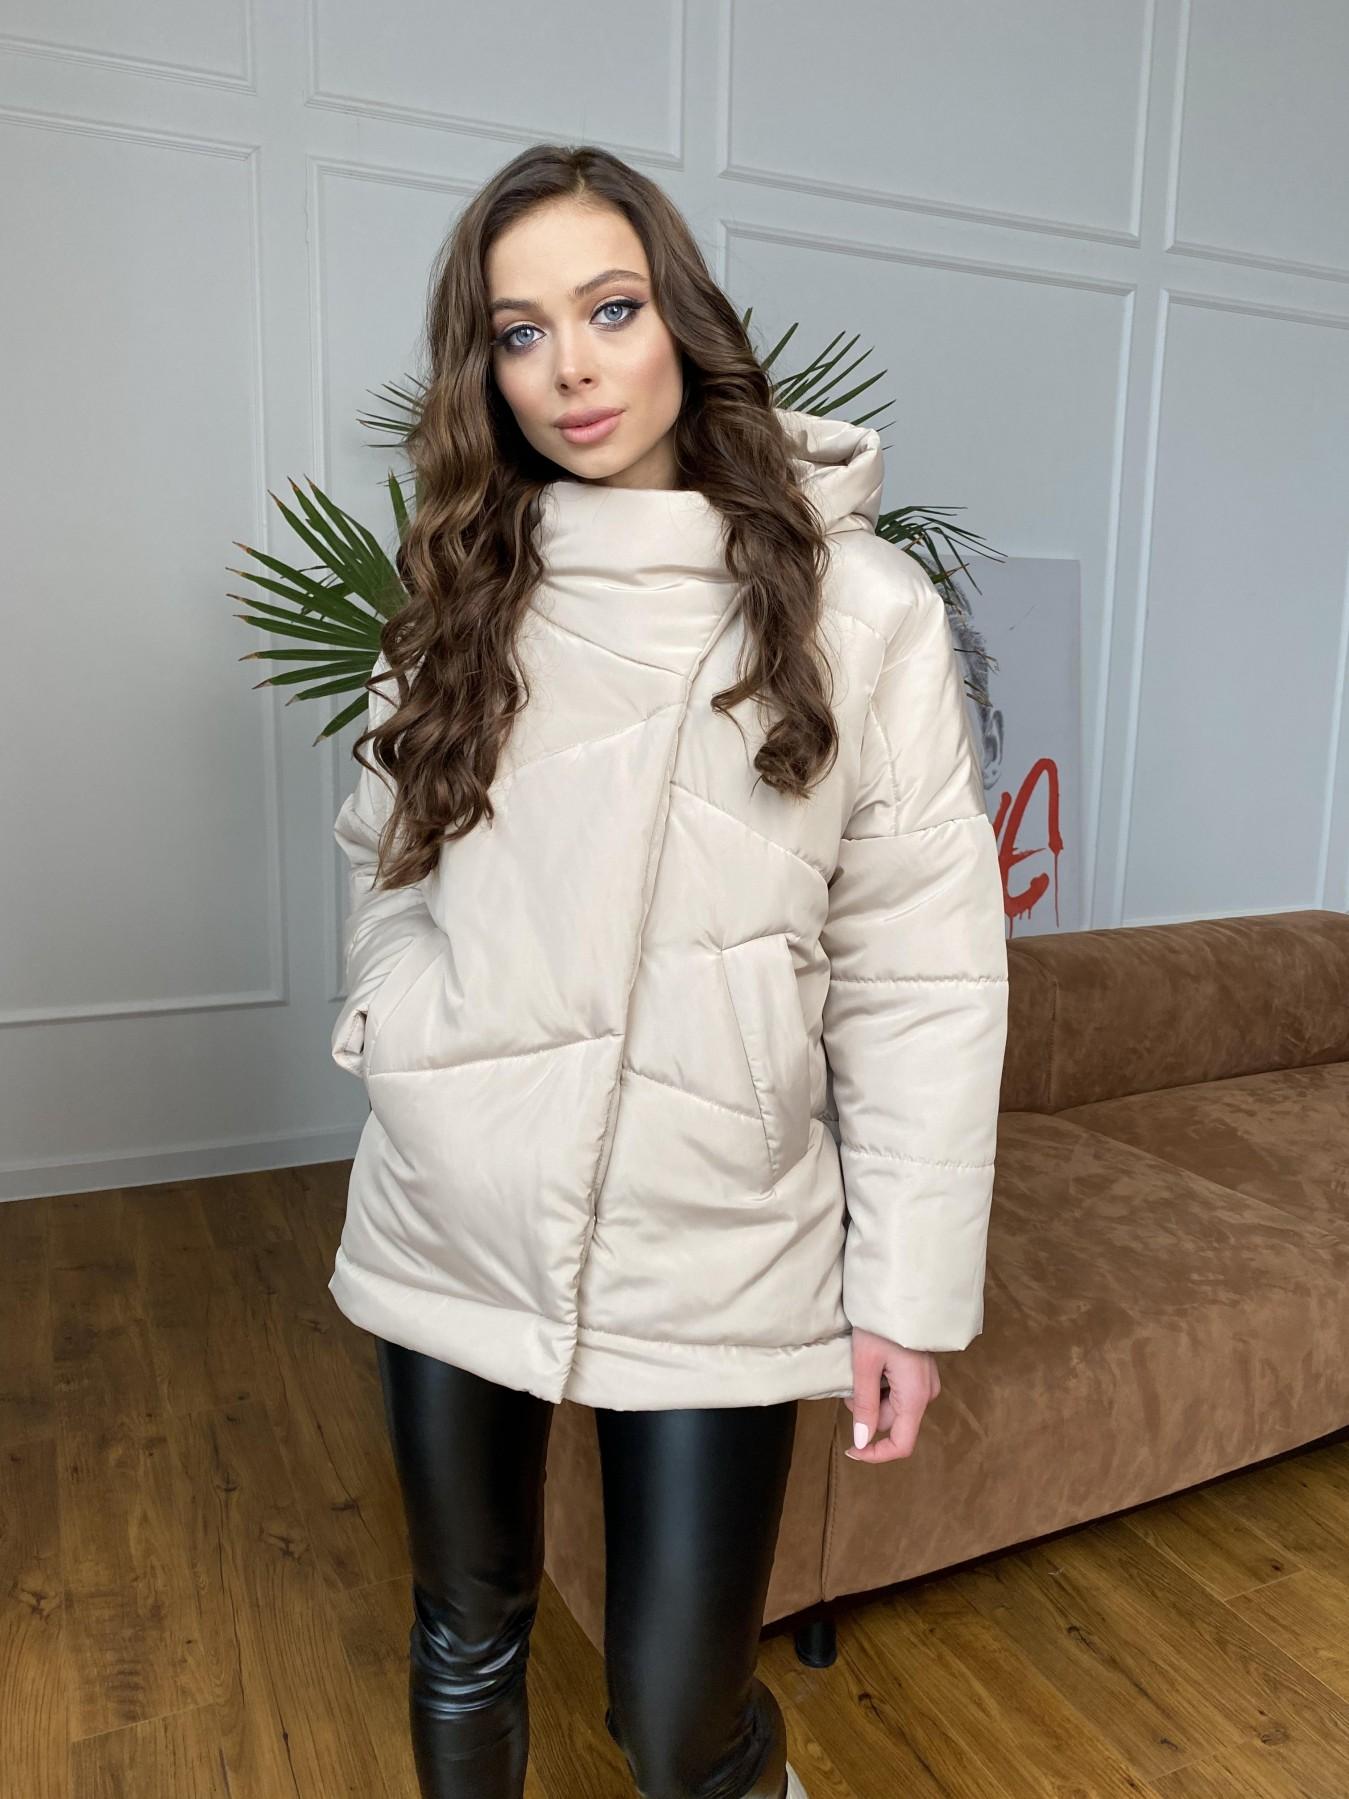 Уно куртка плащевка Ammy 10671 АРТ. 47476 Цвет: Бежевый - фото 5, интернет магазин tm-modus.ru